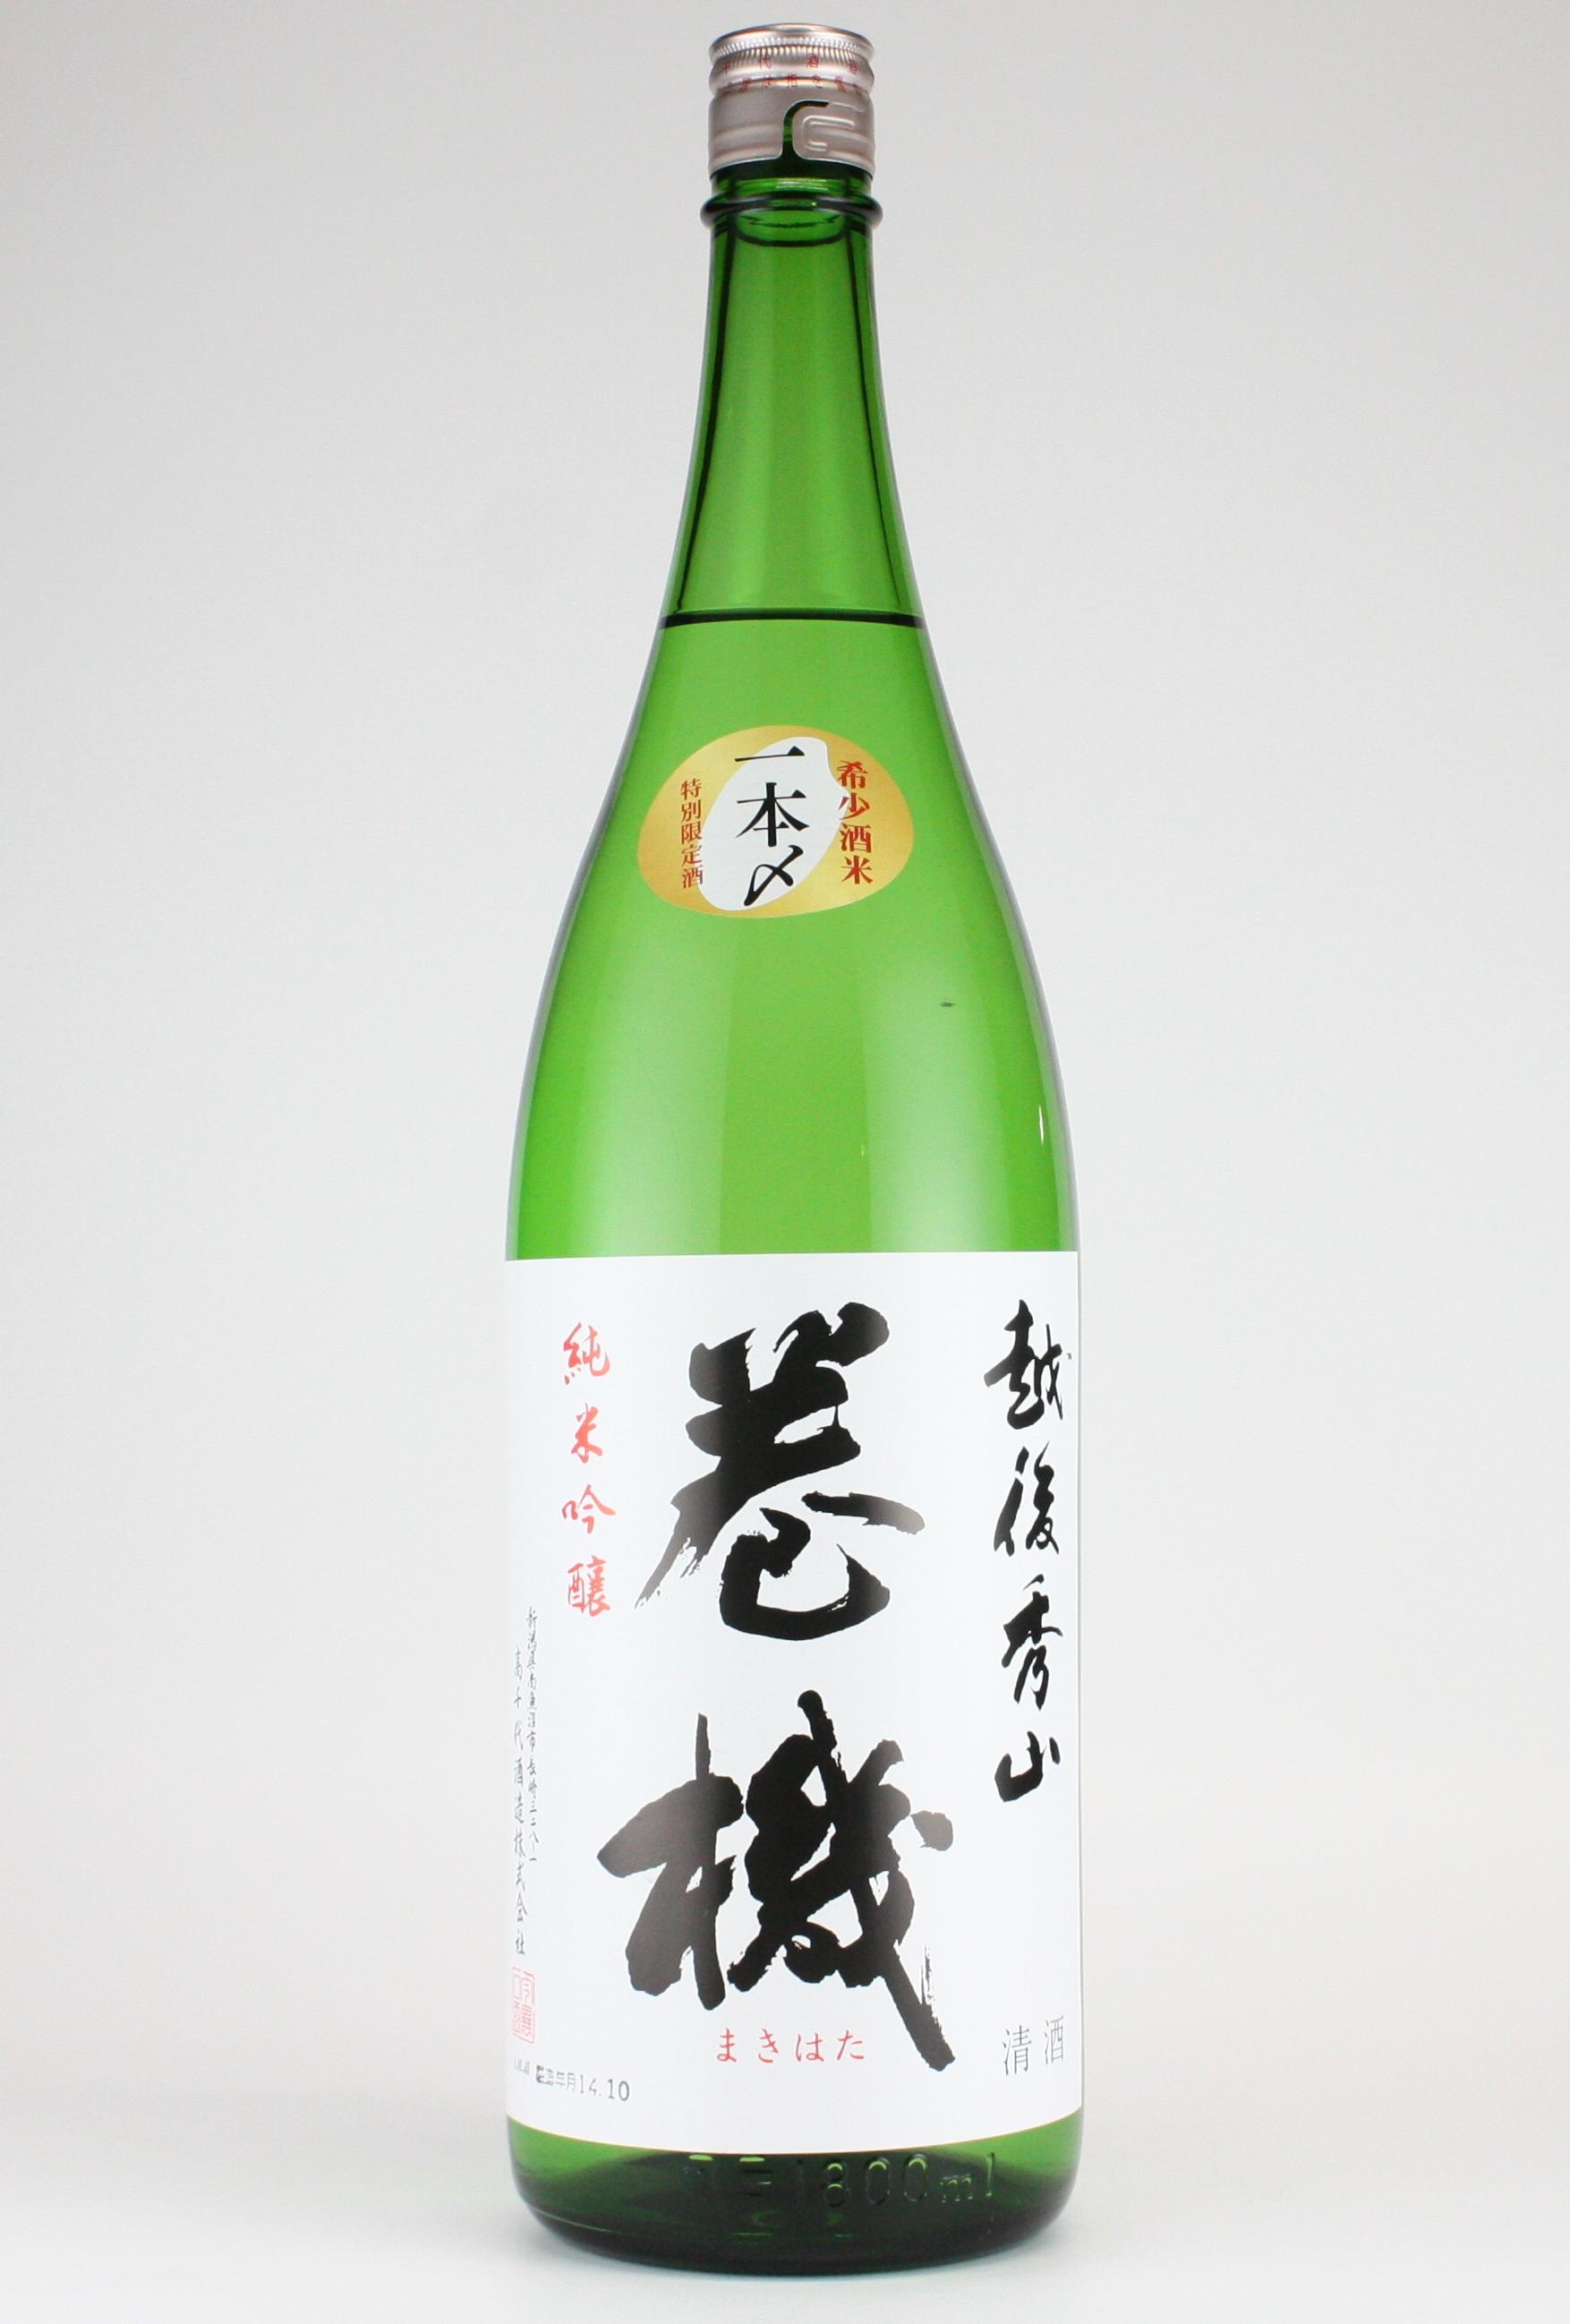 巻機 純米吟醸 一本〆 1800ml 【新潟/高千代酒造】